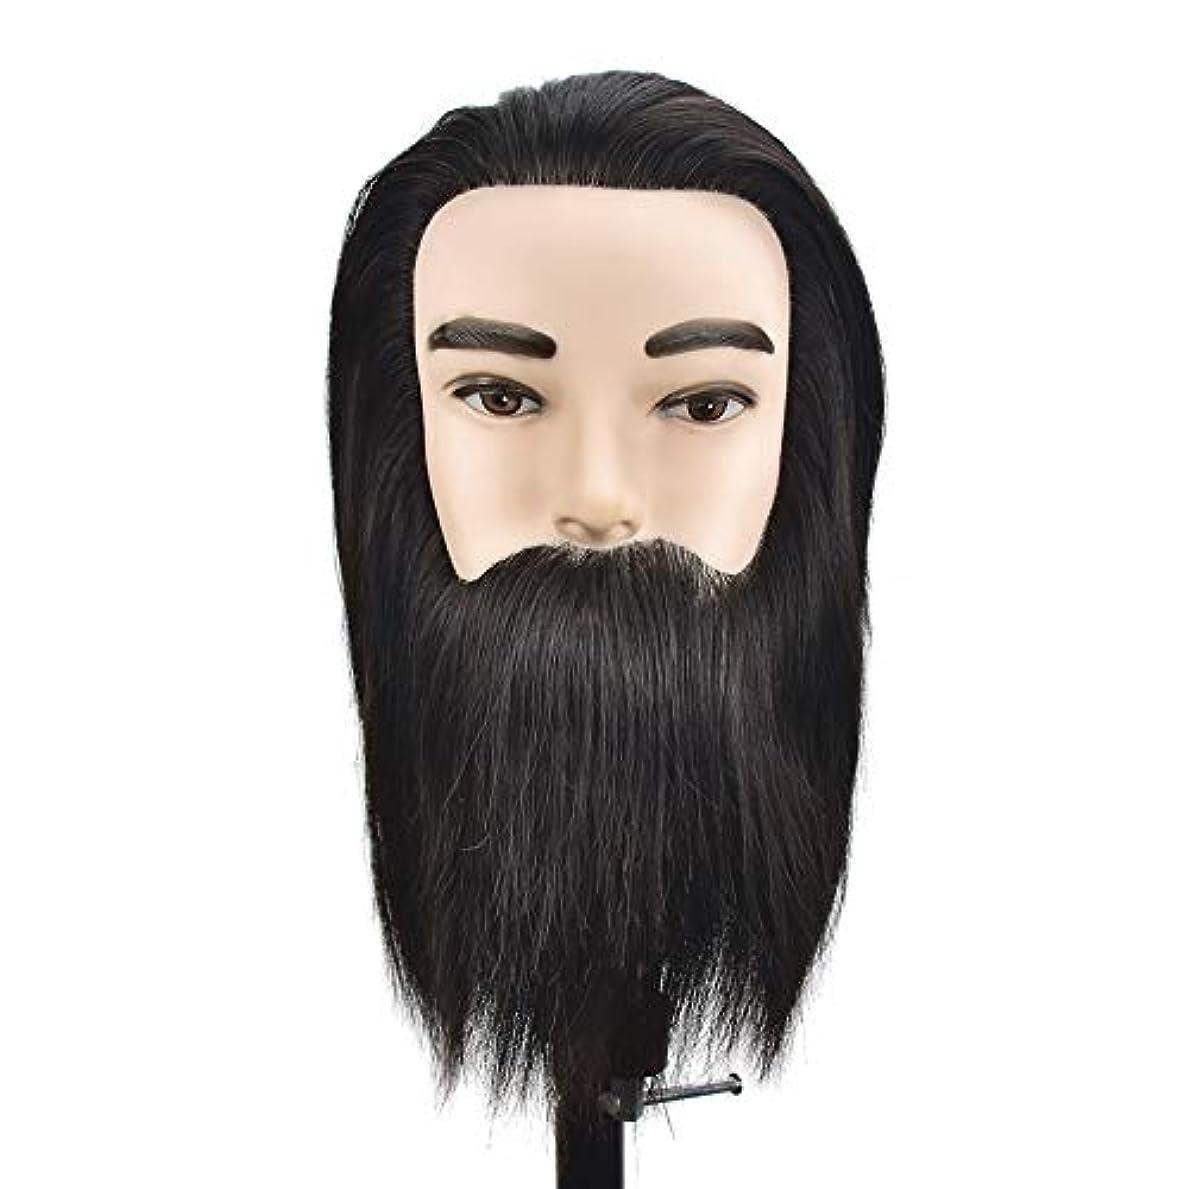 複製恥ずかしさ経済的リアル人間の髪トレーニングヘッドパーマ髪モデル髪染め理髪ダミーヘッドトリミングひげ学習ヘッドモデル